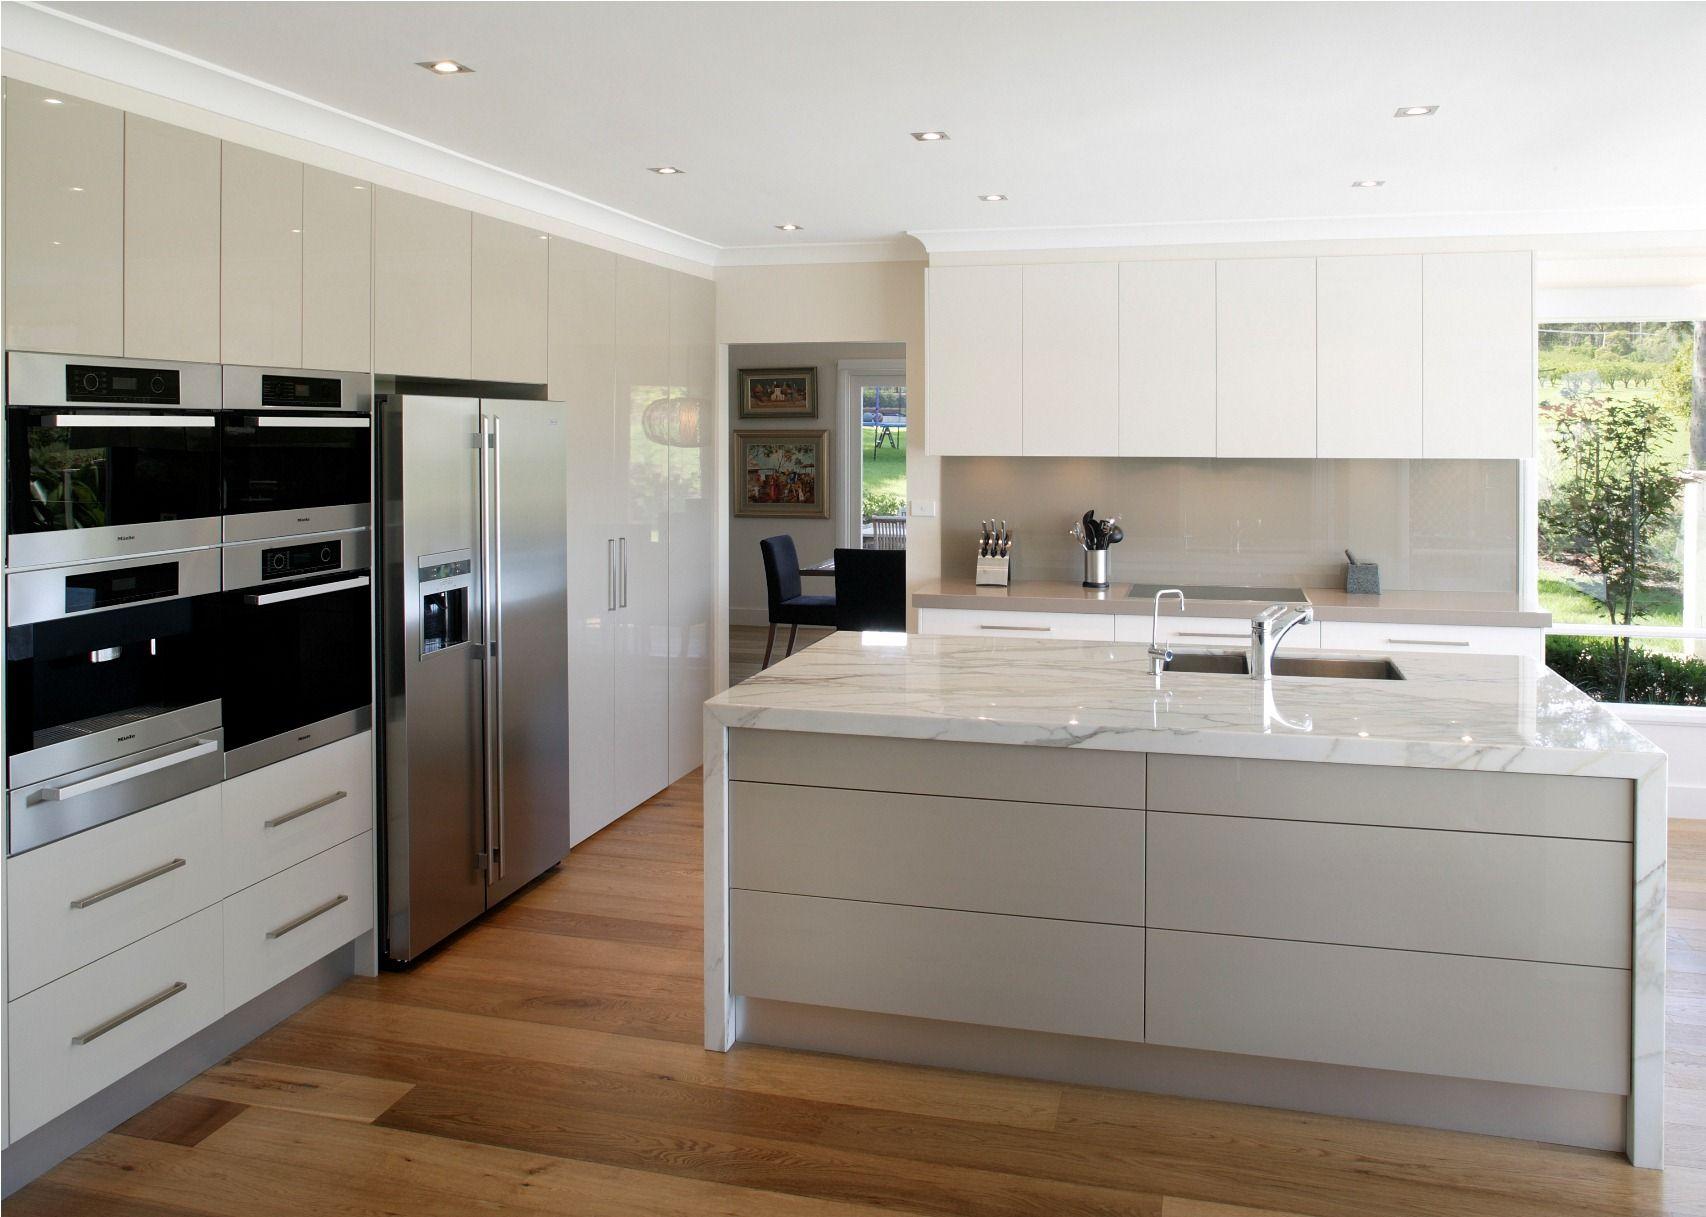 contemporary kitchen designs kitchen ideas 35 Modern Kitchen Design Inspiration